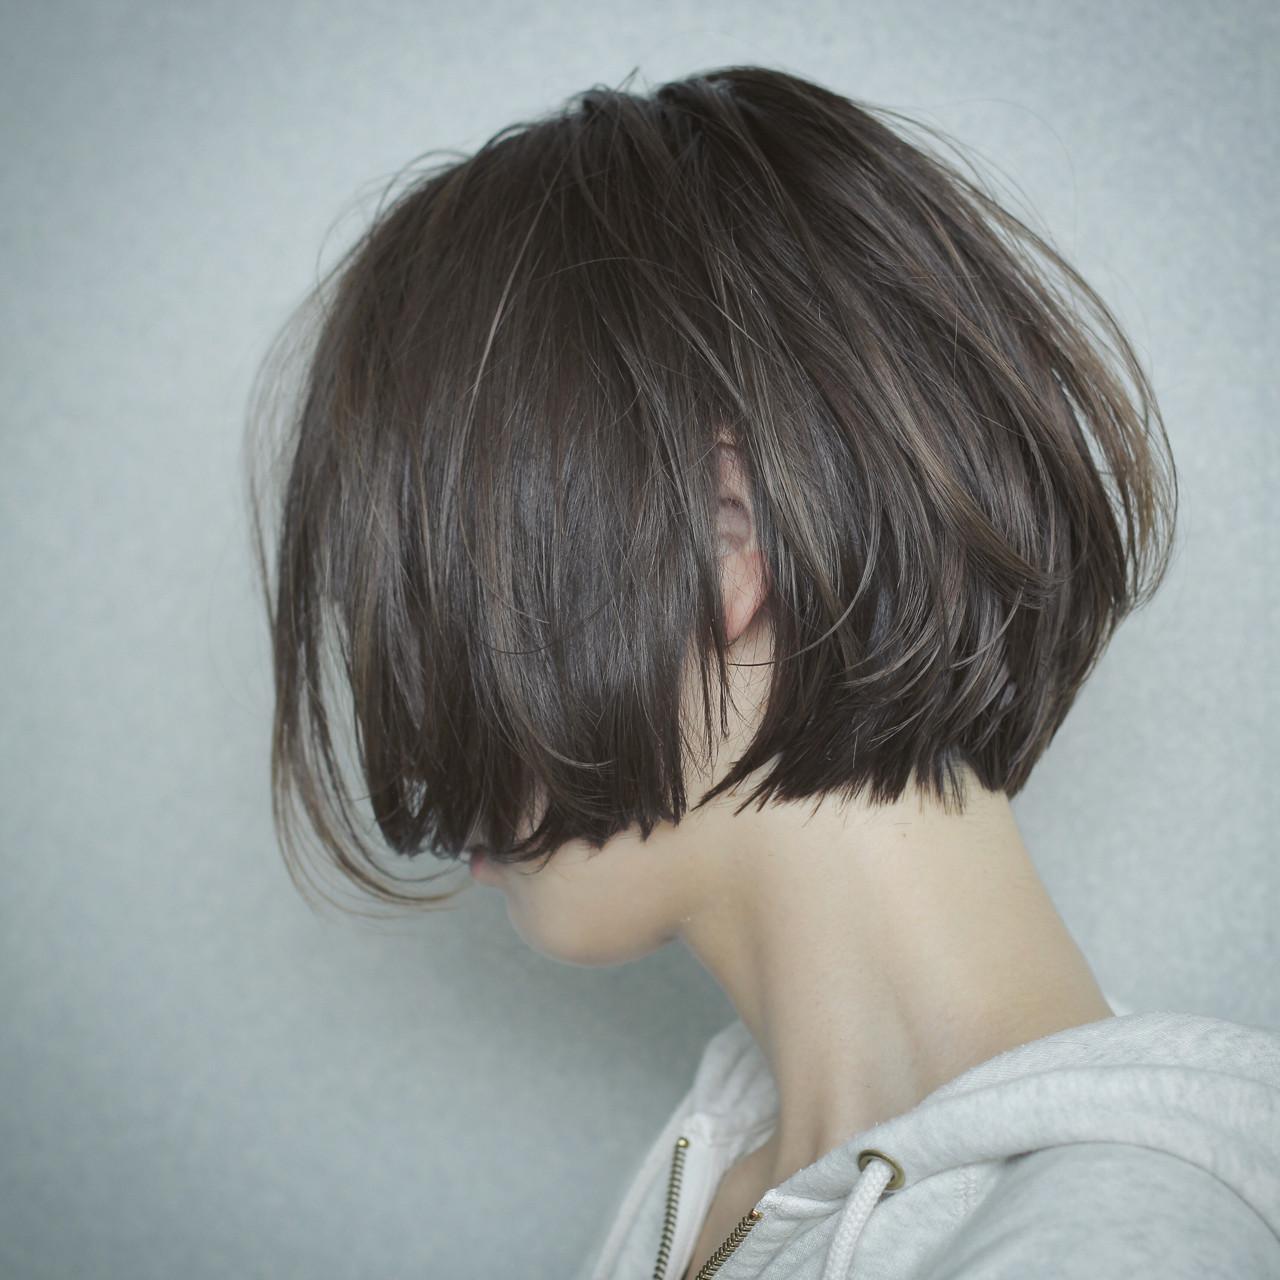 愛され女子のヘアスタイル♡みんなが選んだボブヘアTOP10! 三大寺 慶悟